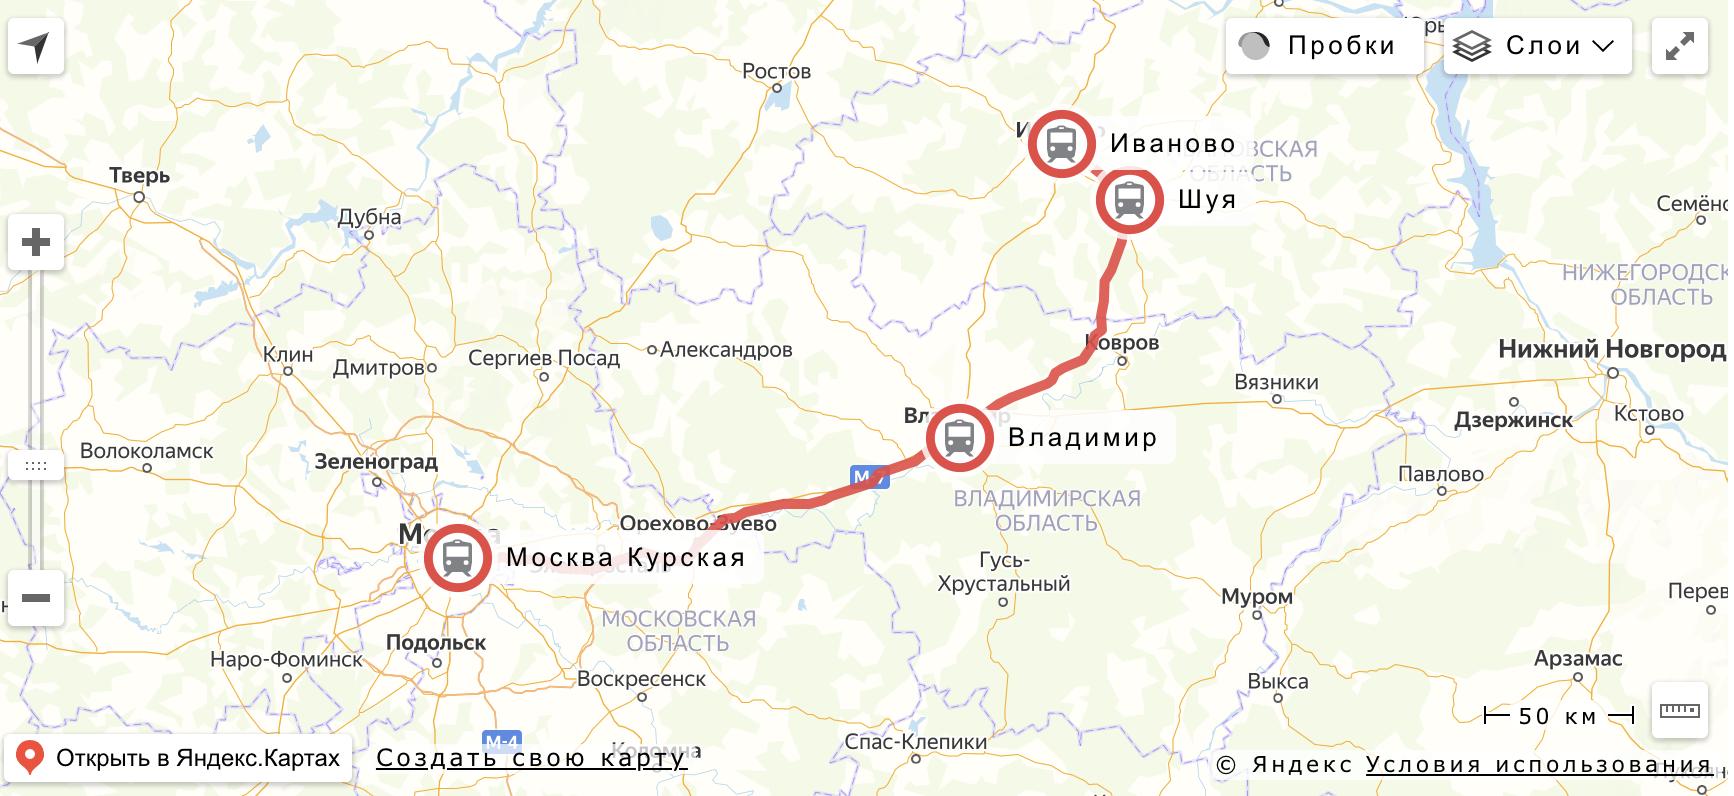 """Маршрут поезда """"Ласточка"""" Москва - Иваново"""